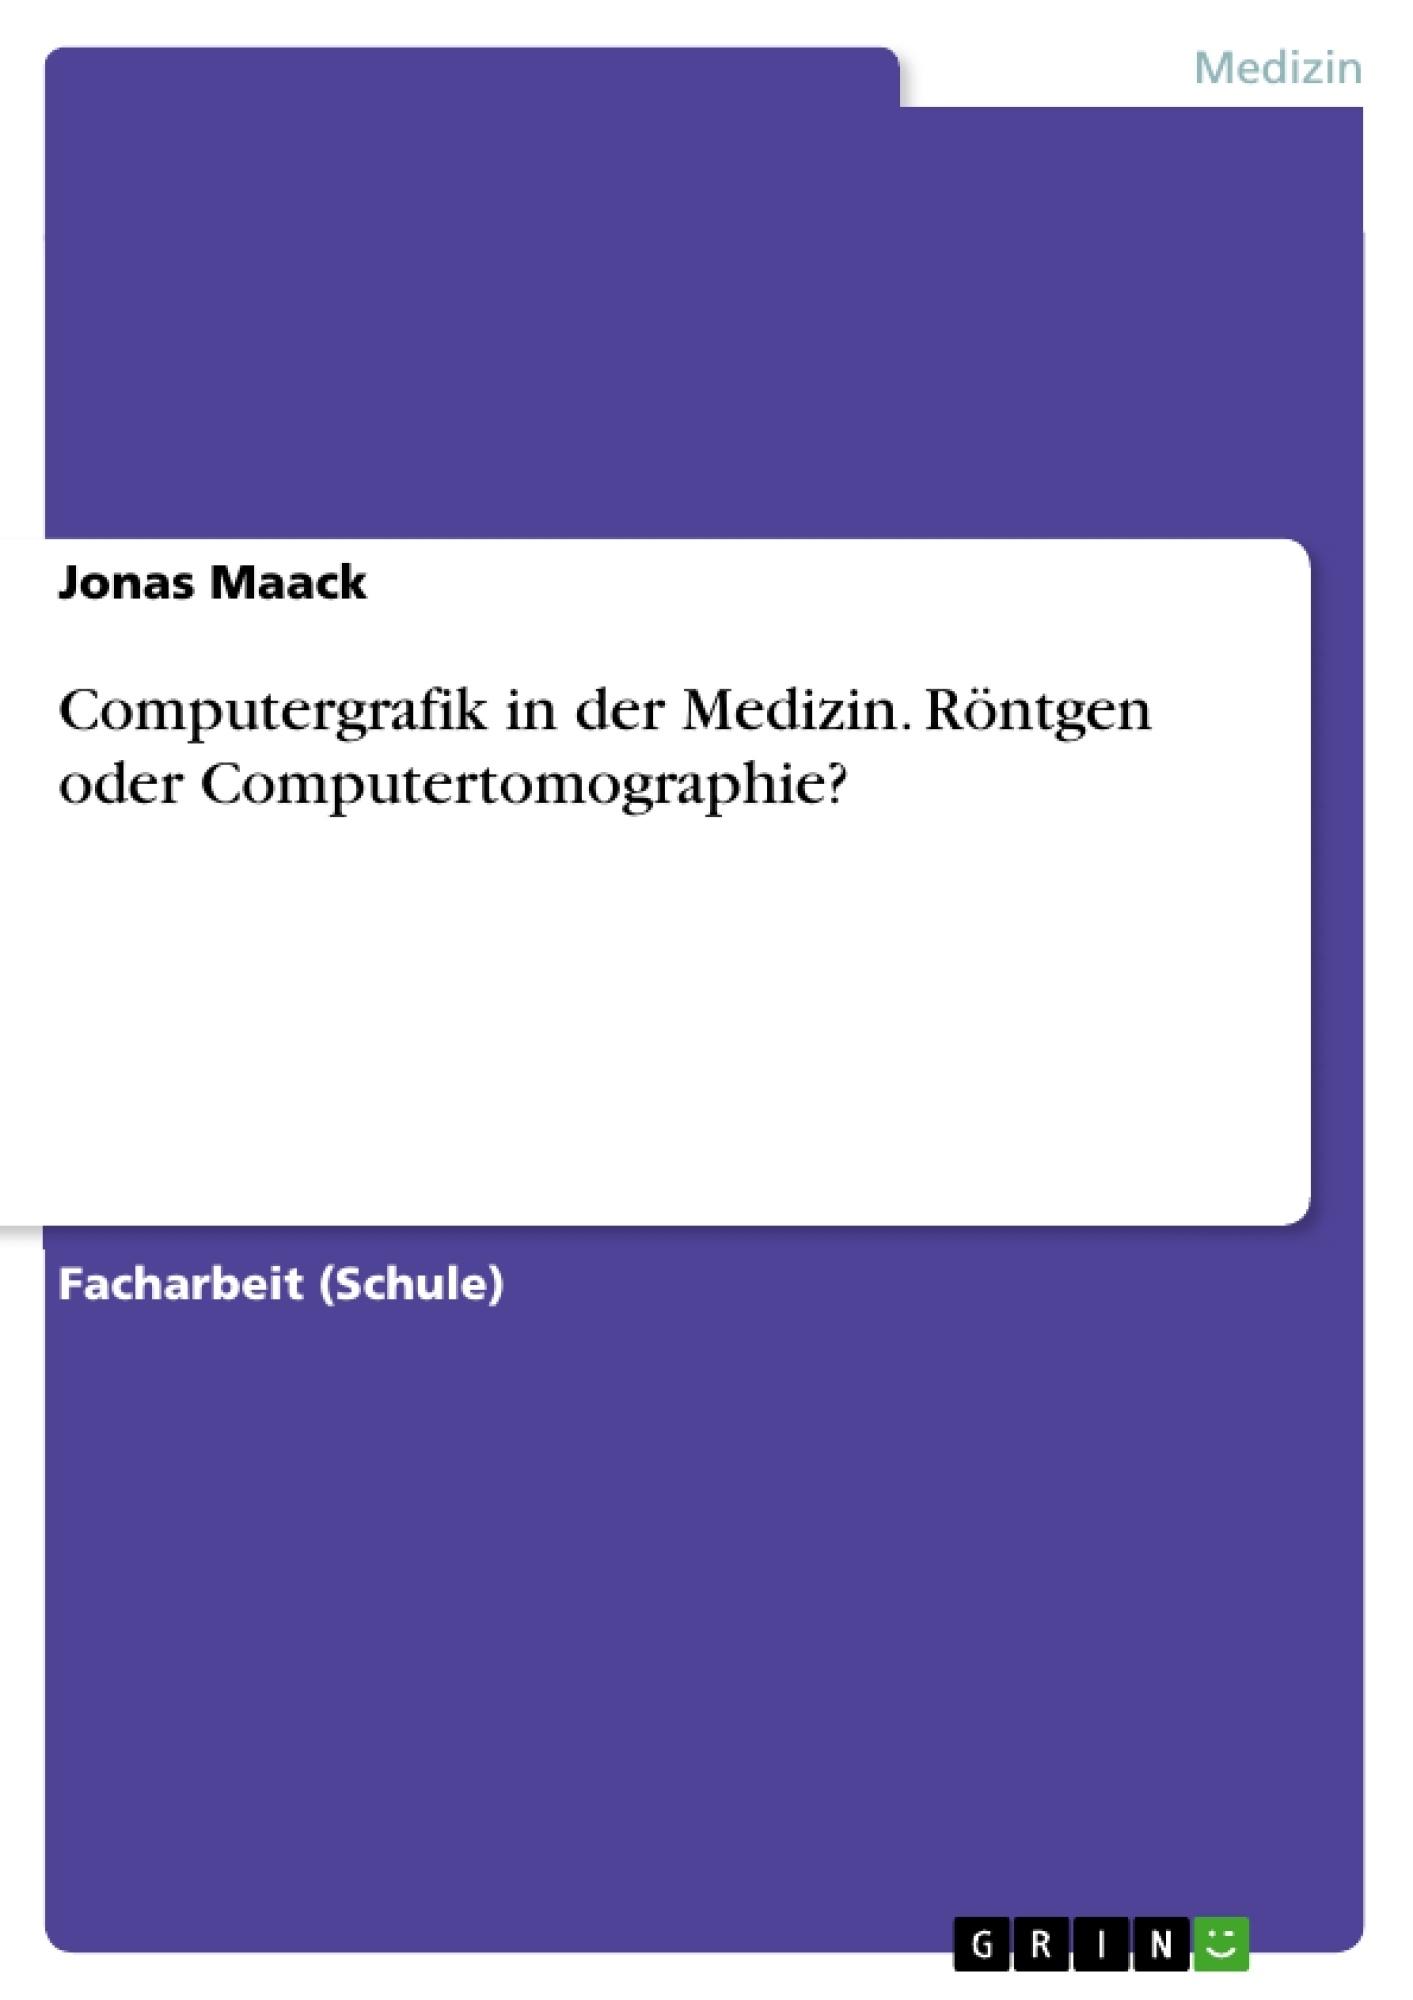 Titel: Computergrafik in der Medizin. Röntgen oder Computertomographie?